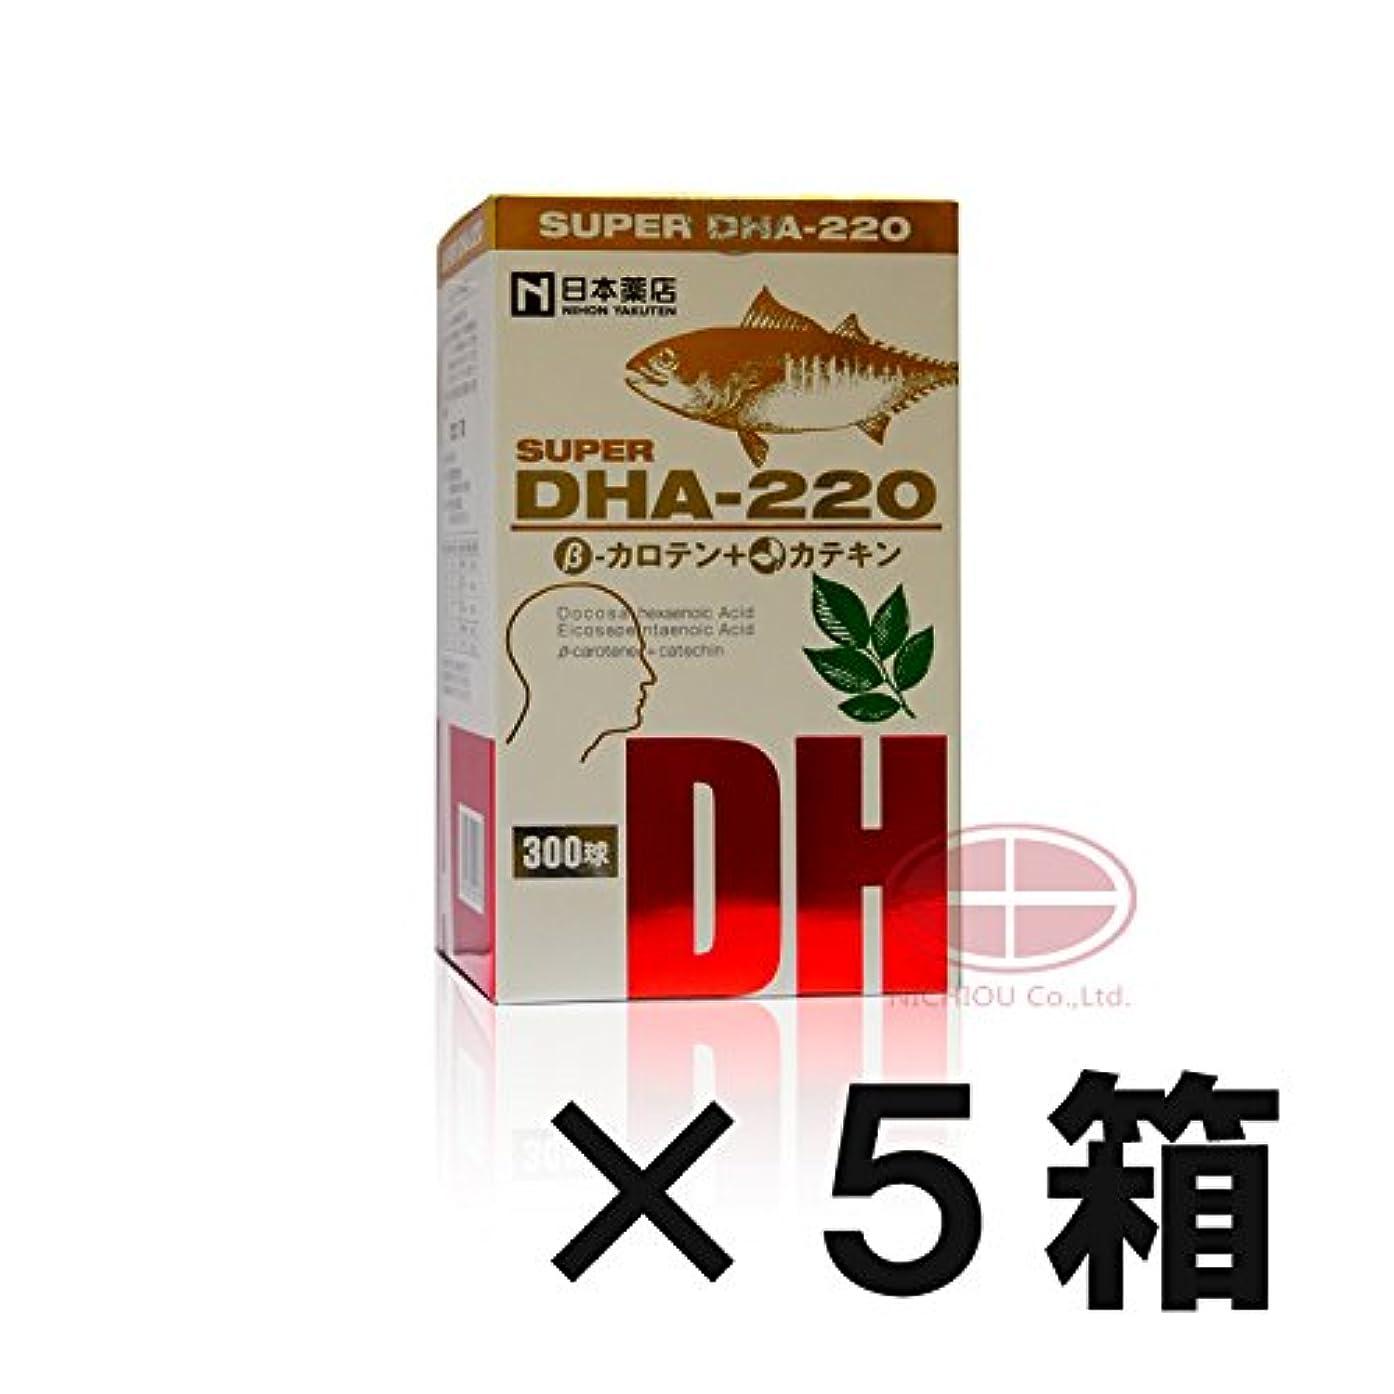 ドラマ素人現代の薬王製薬 スーパーDHA220 βカロテン+カテキン 300粒 (5)